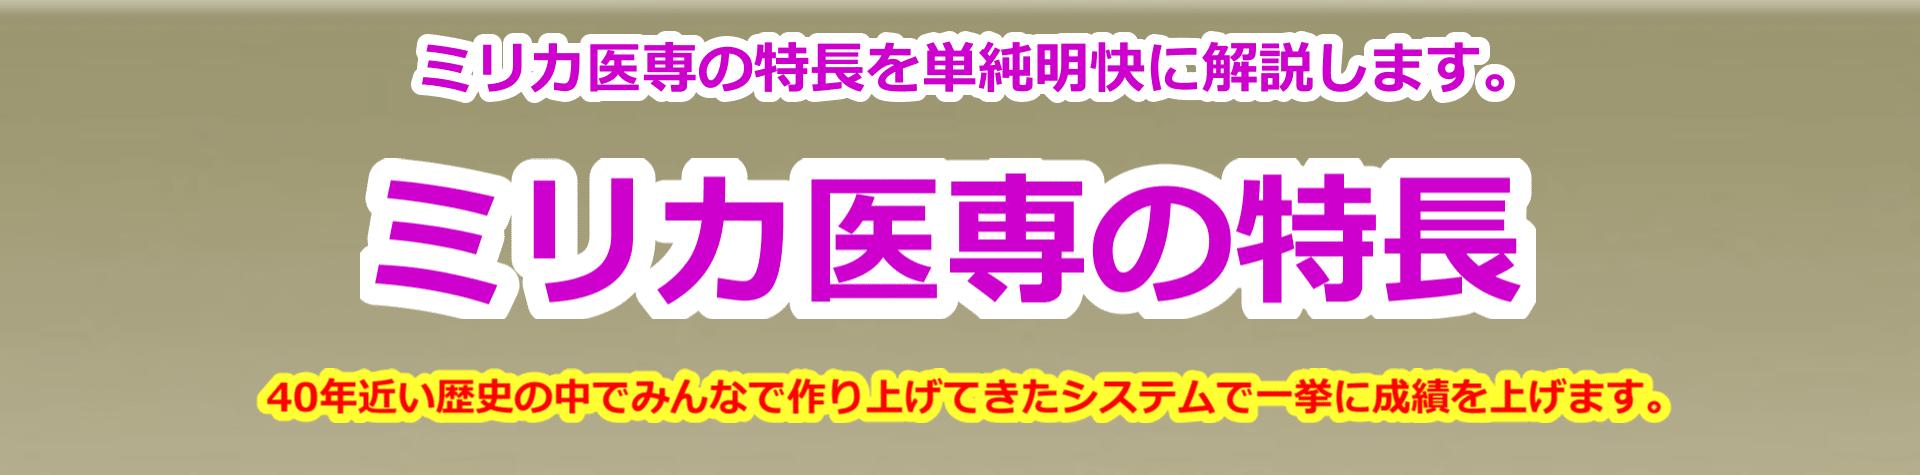 ミリカ医専・医学部受験予備校の特長